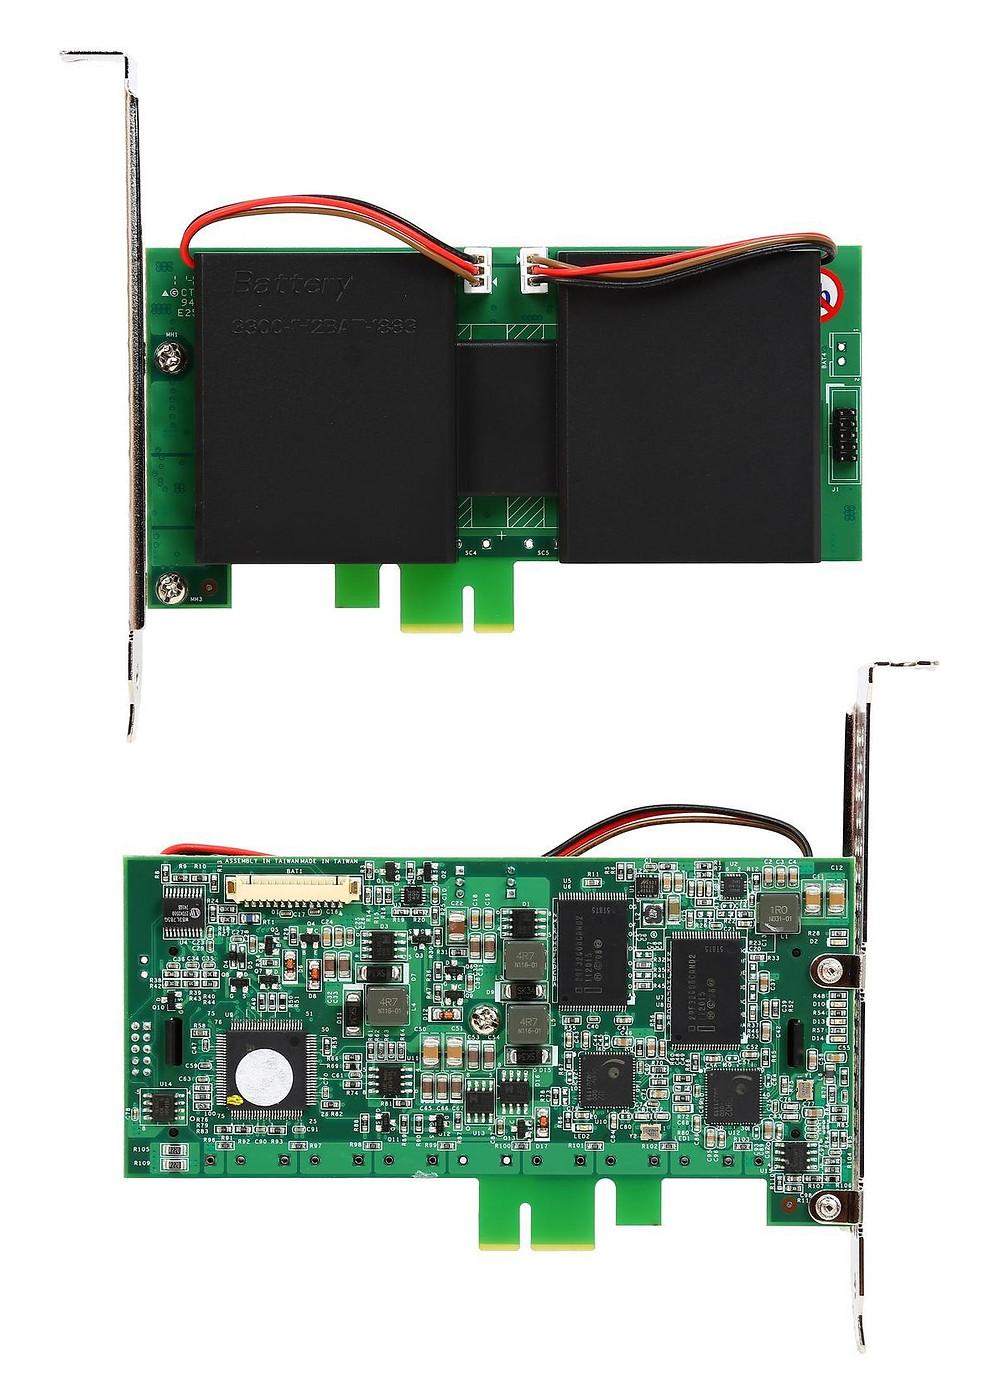 Đầu RAID 1U ARC-9200 hỗ trợ Mô-đun Pin Dự Phòng Li-ion truyền thống để bảo vệ dữ liệu cache trên bộ điều khiển RAID.